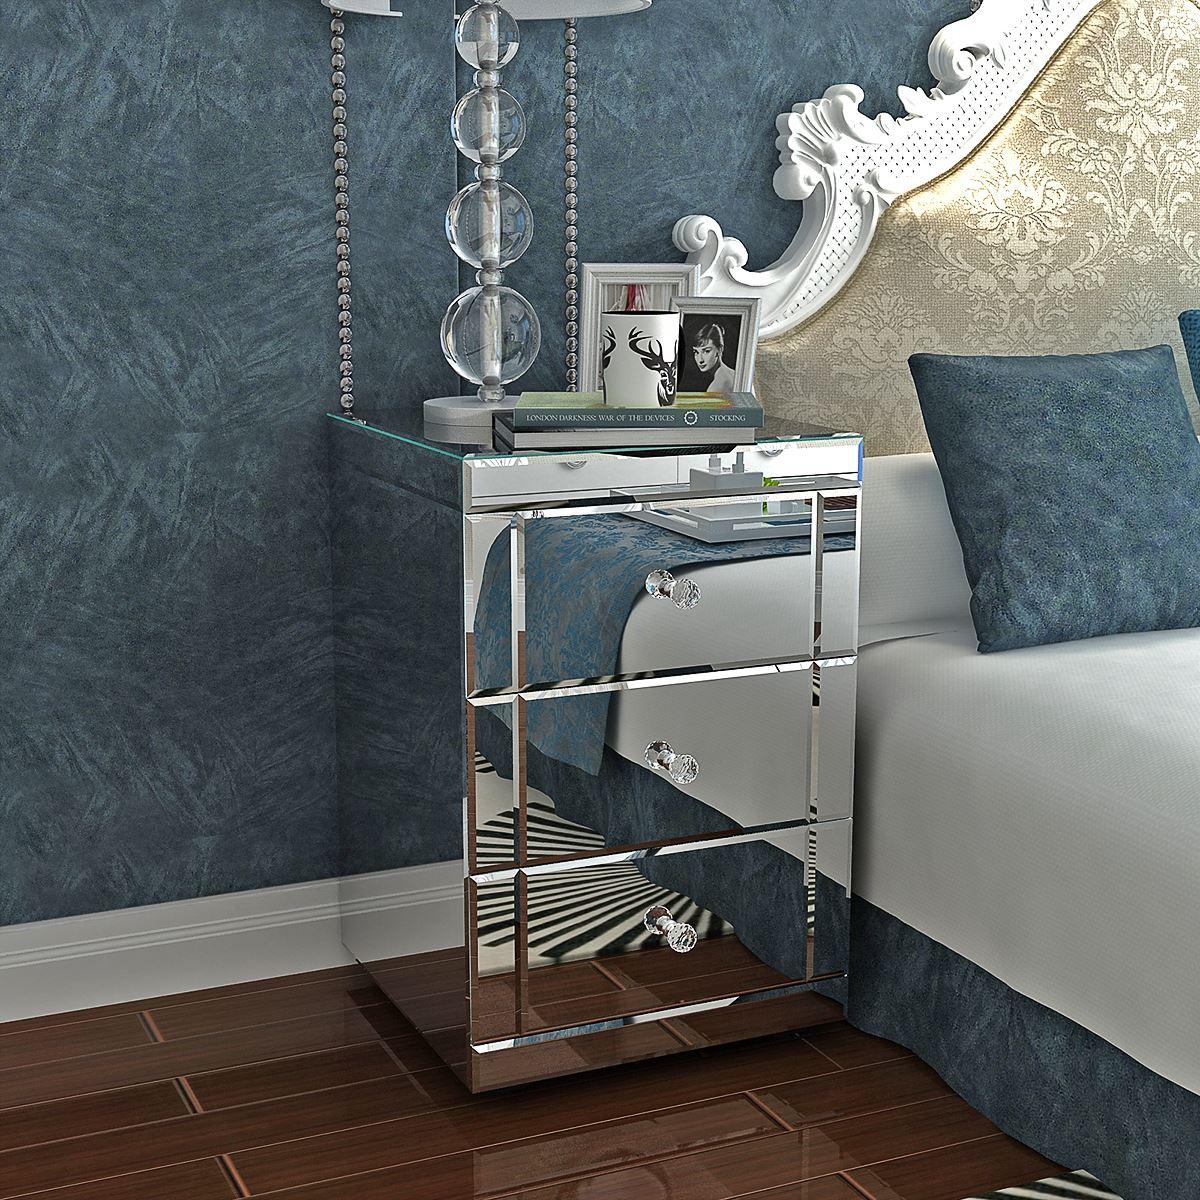 Panana ミラーベッドサイドキャビネット/ベッドサイドテーブルランプ/胸の 3 引き出し寝室のナイトテーブル